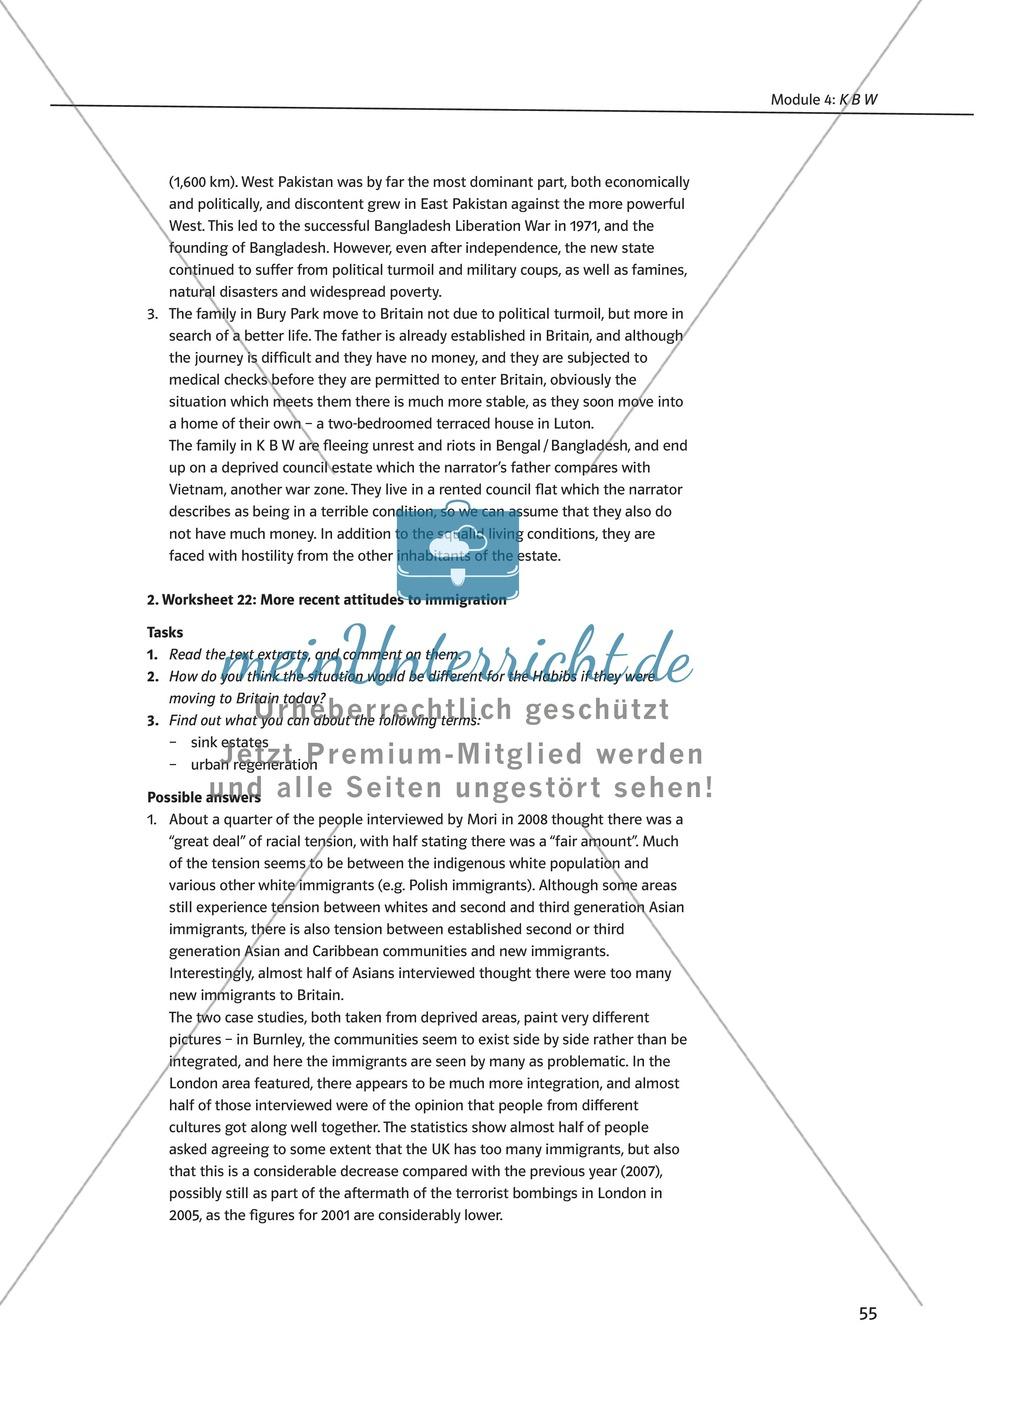 KBW: Zusammenfassung + Aufgaben + Arbeitsblätter Preview 10